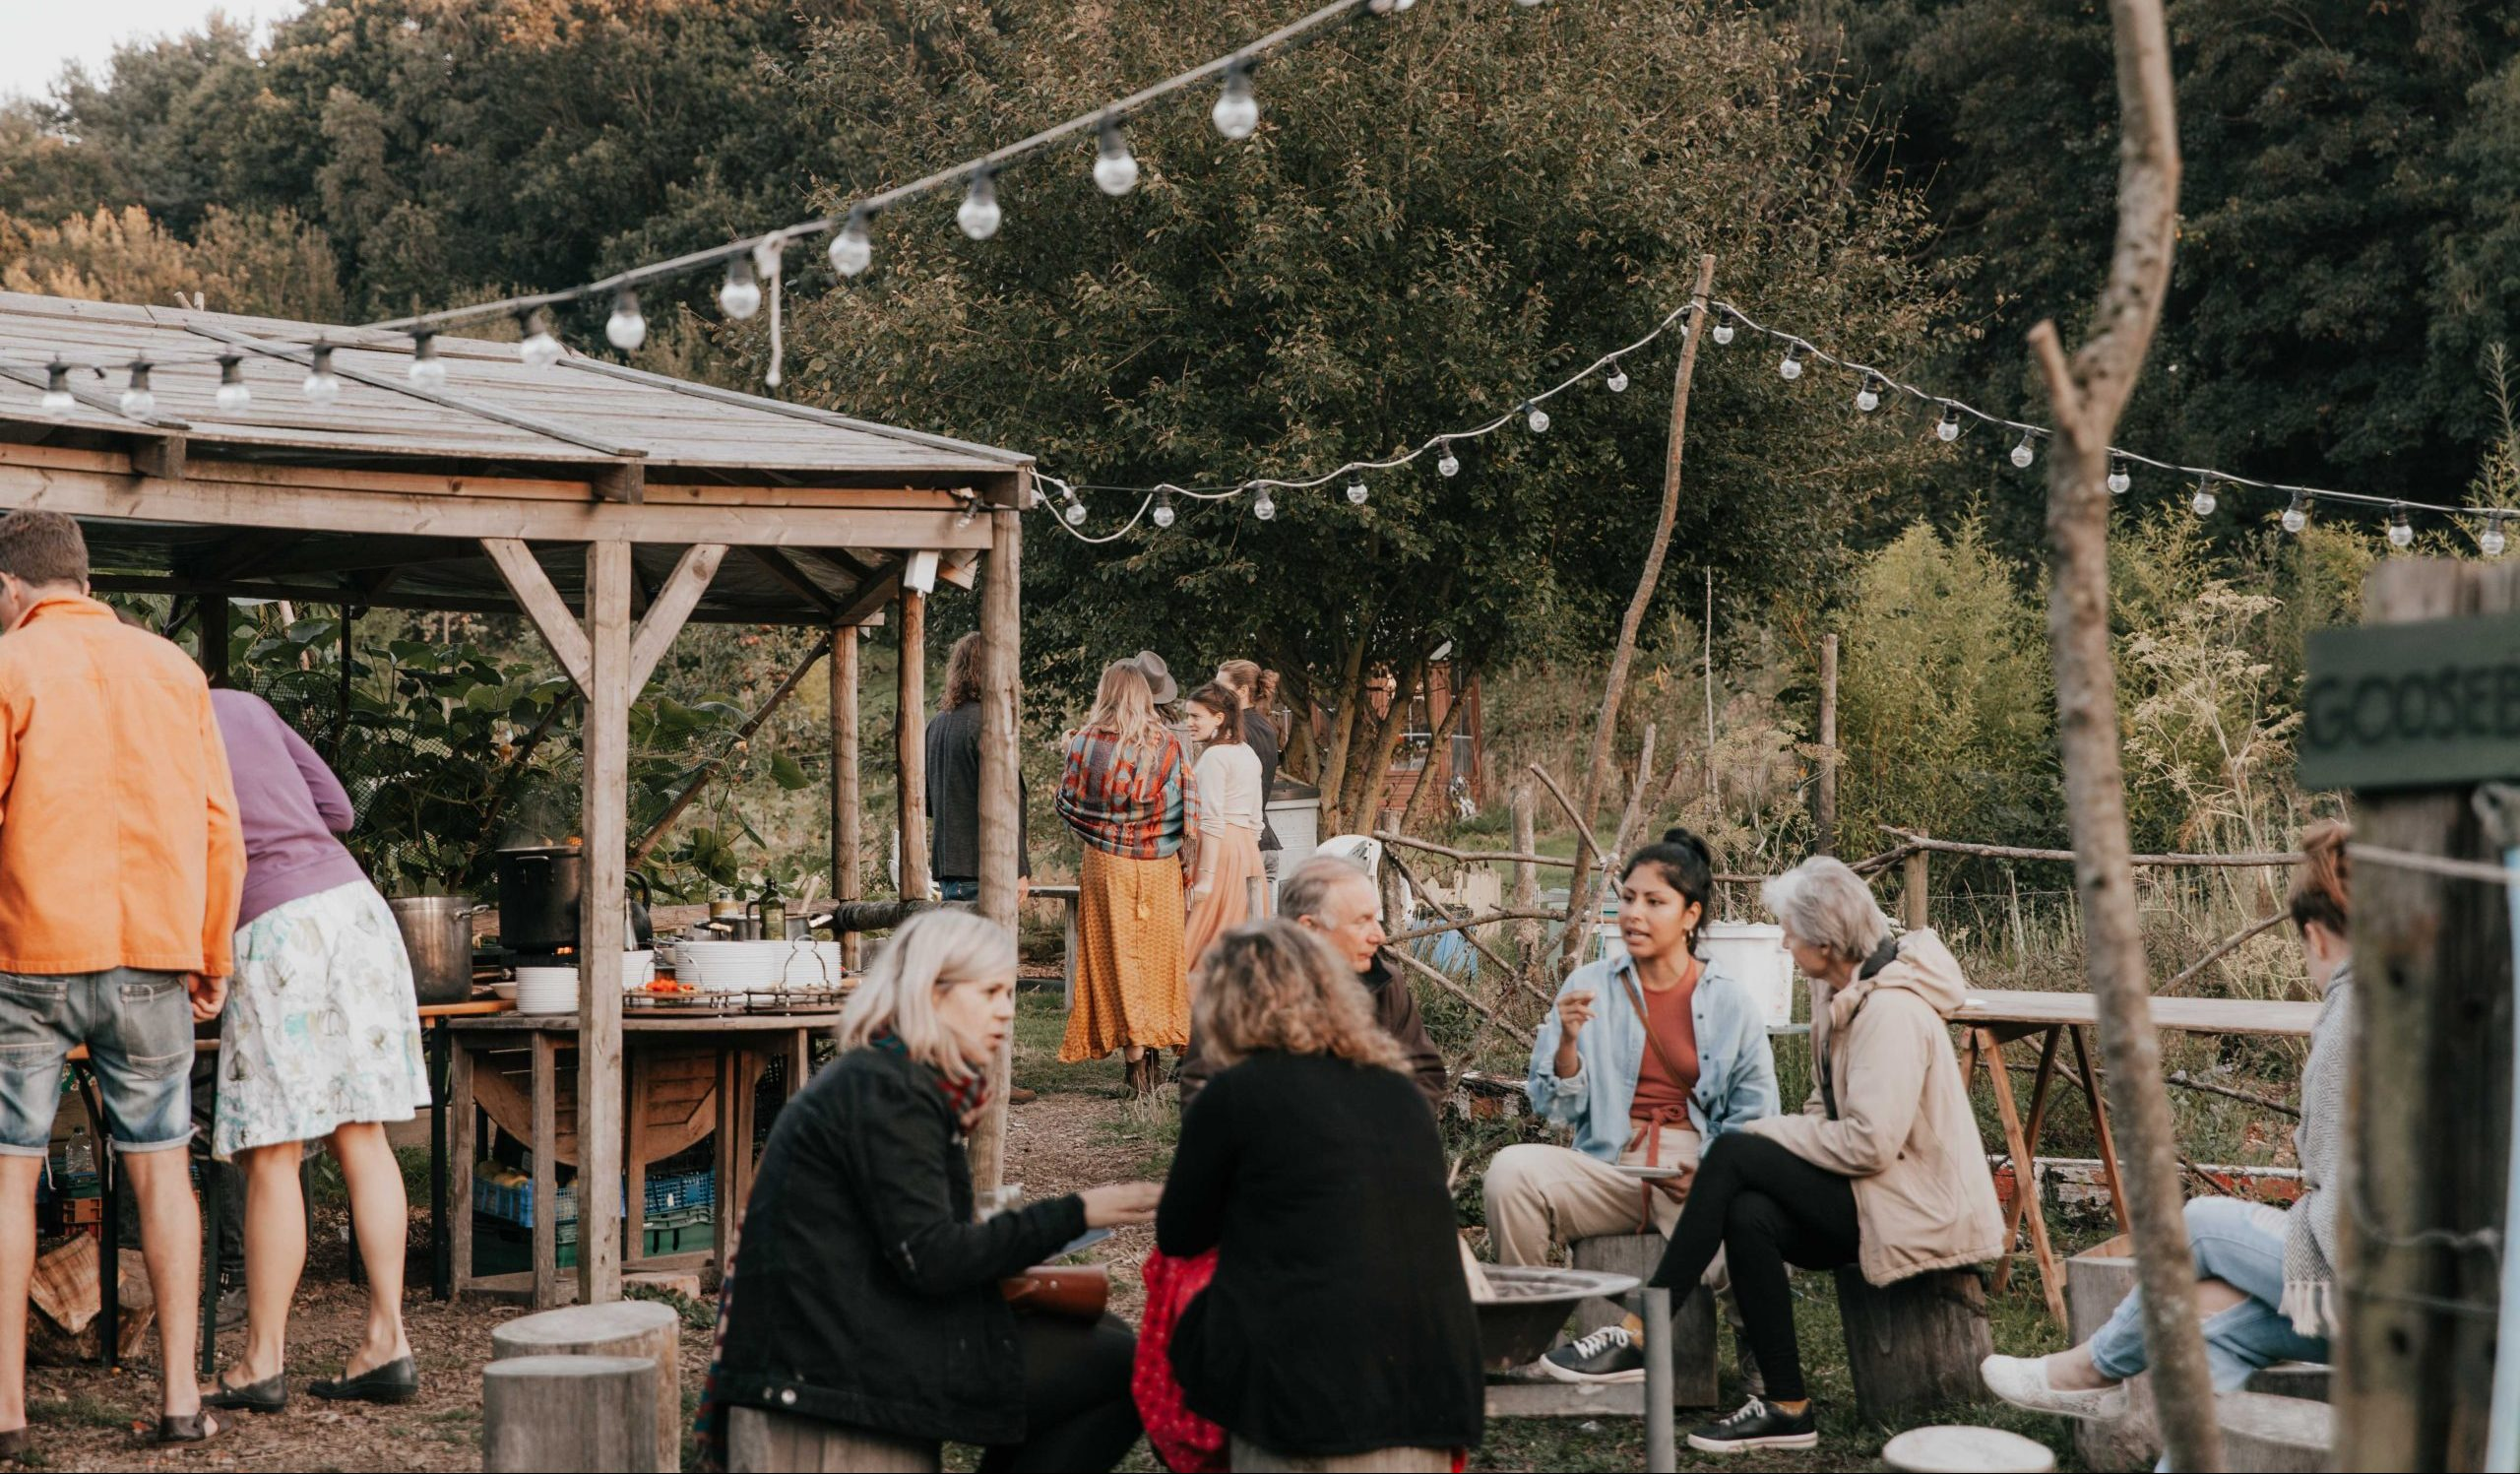 rock farm feasts - people outside